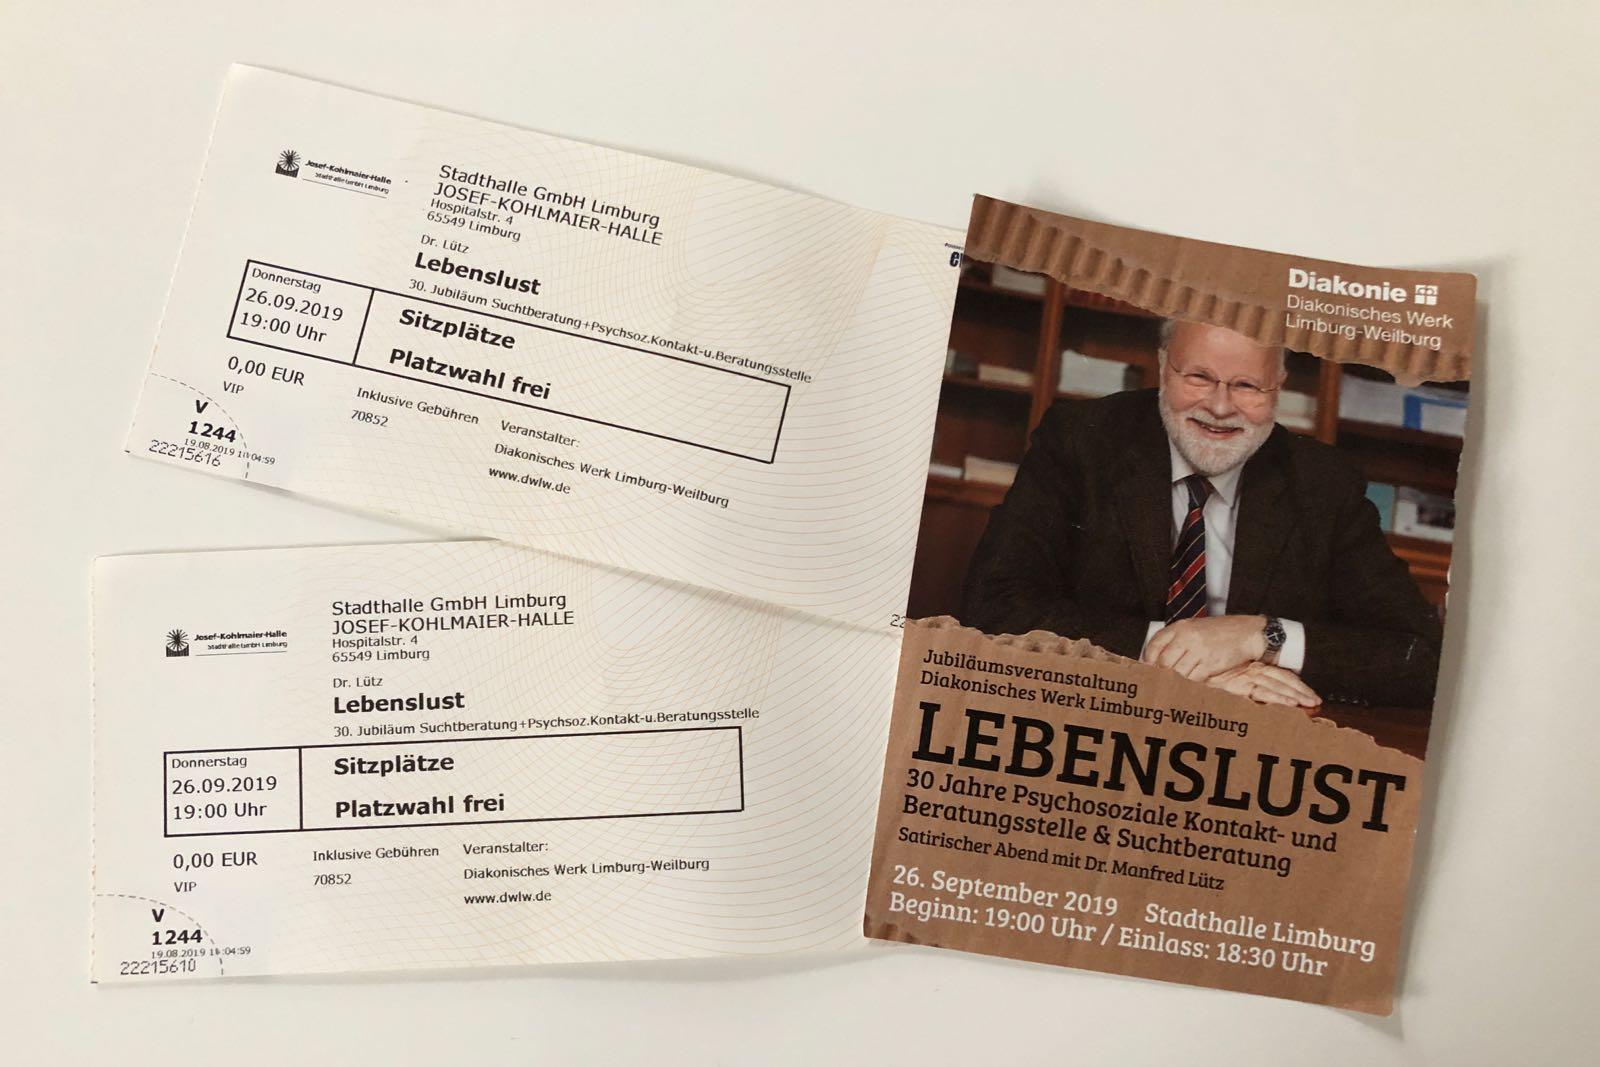 Jubiläumsveranstaltung Diakonisches Werk Limburg-Weilburg